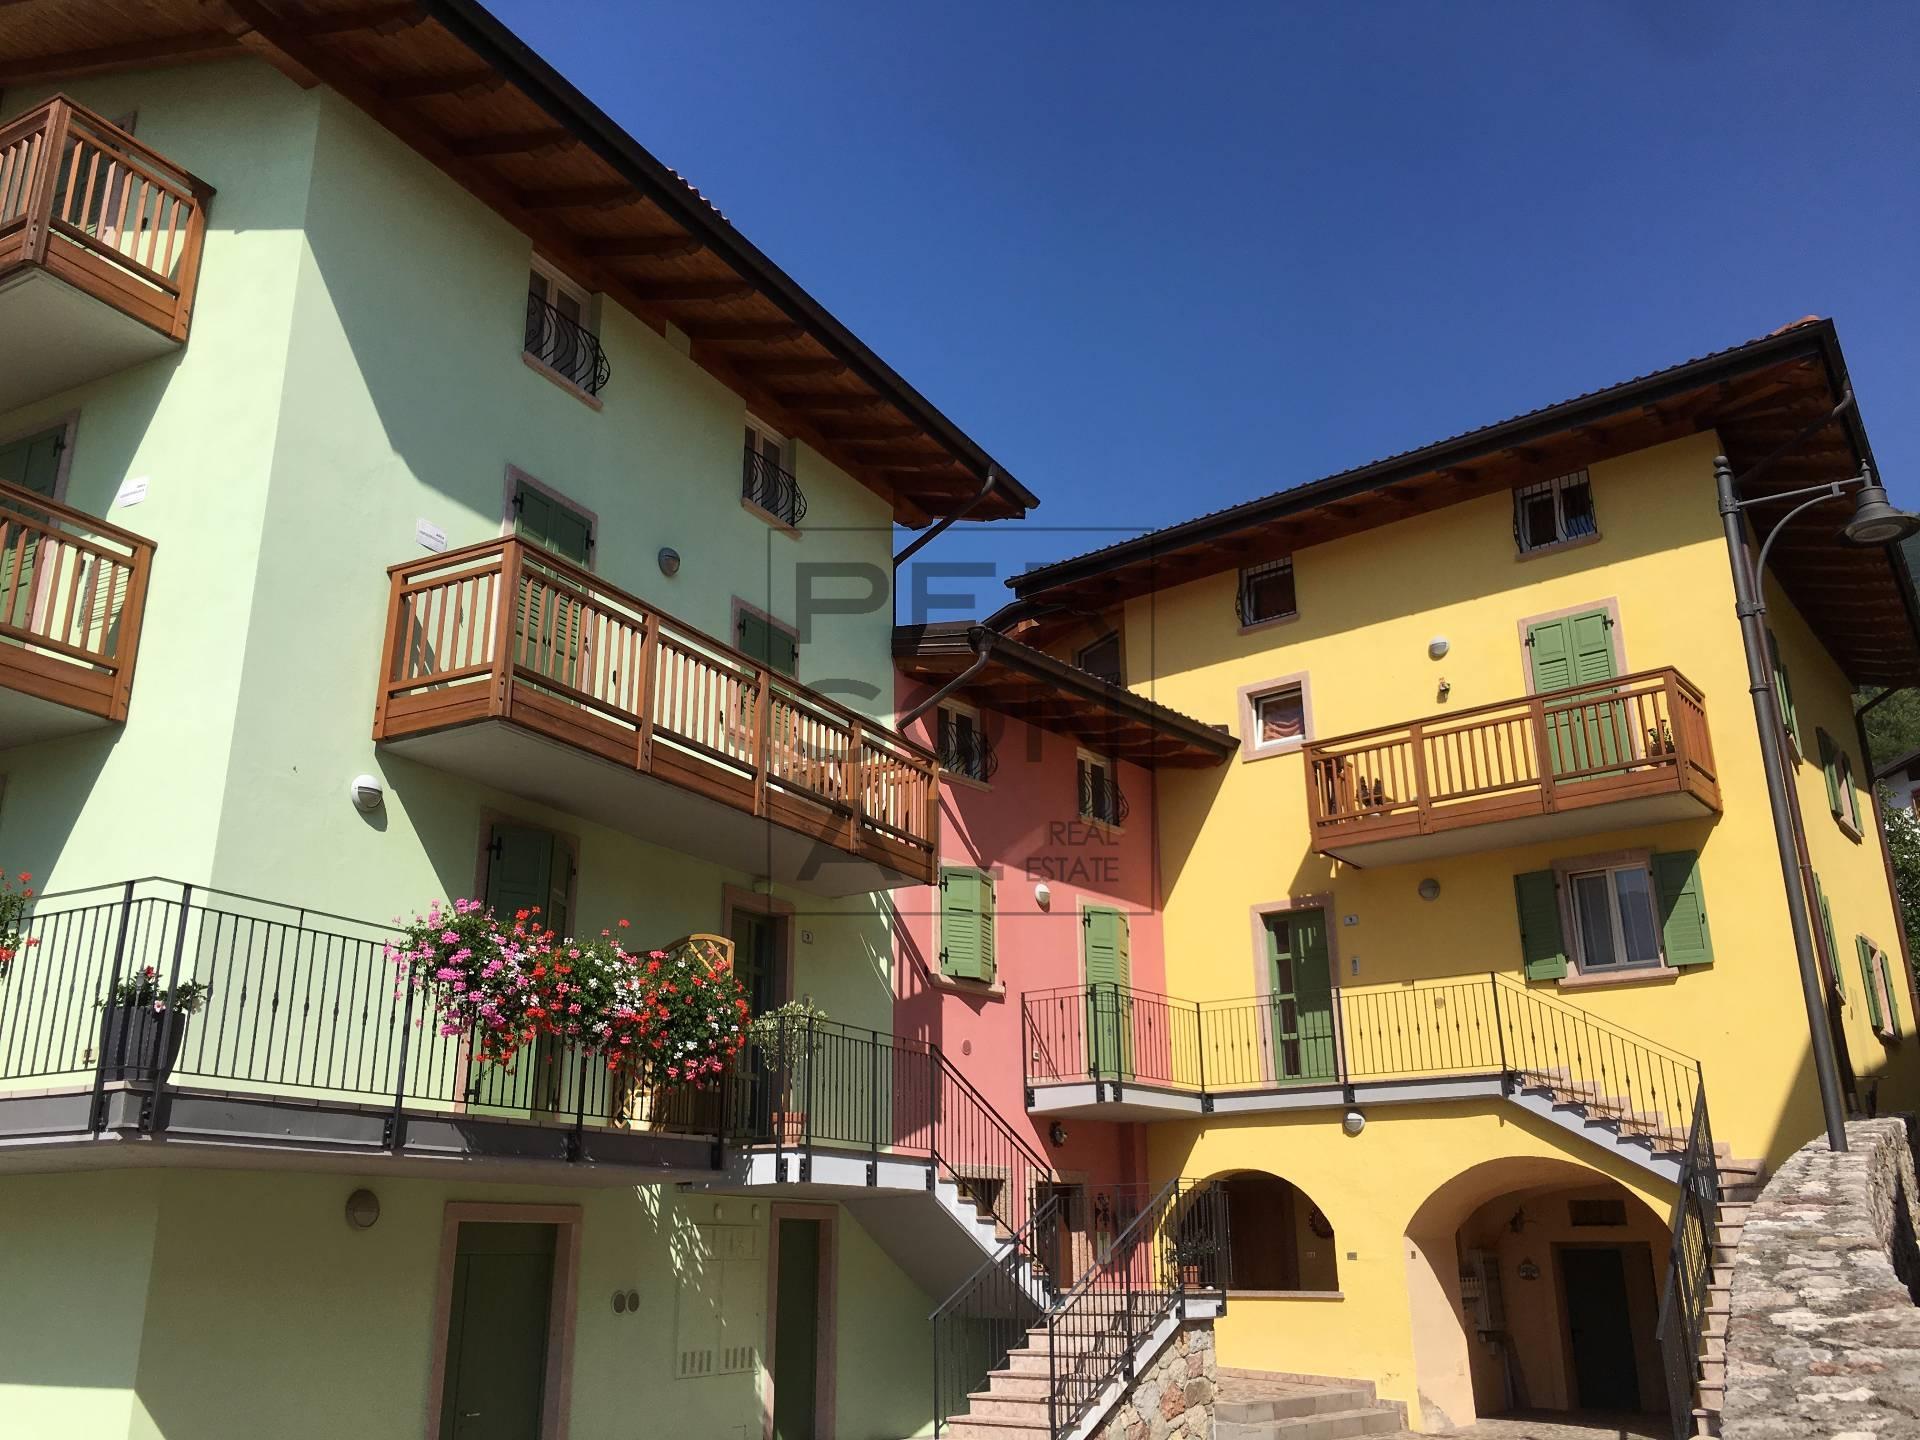 Appartamento in vendita a Cavedine, 2 locali, zona Zona: Stravino, prezzo € 95.000 | CambioCasa.it